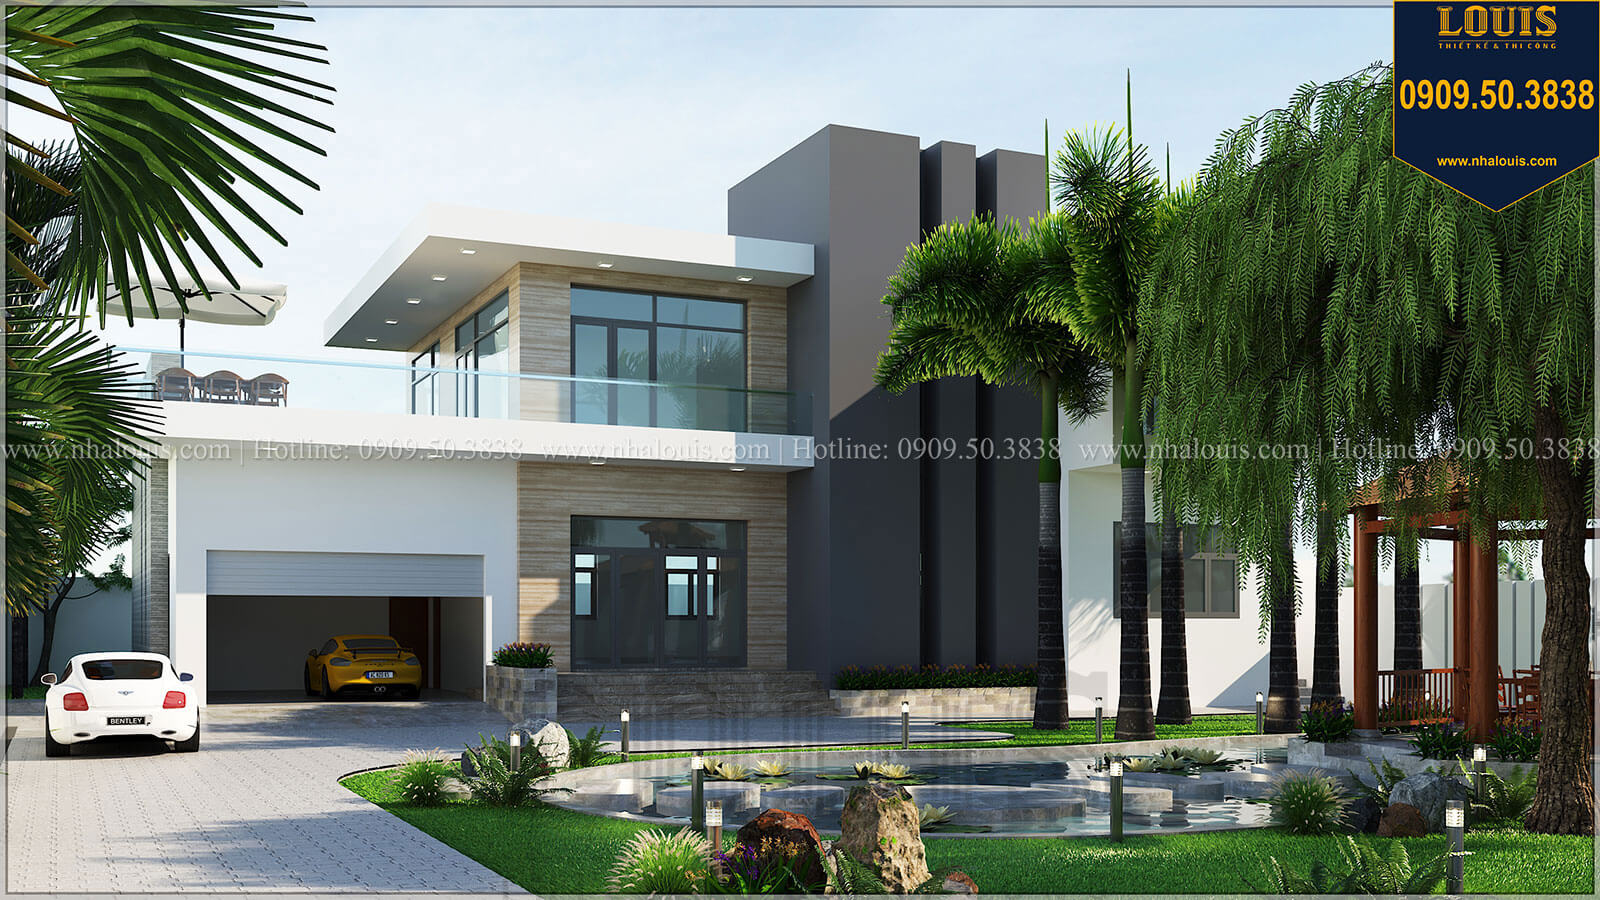 Đặc điểm phong cách kiến trúc hiện đại và tính ứng dụng vào các mẫu thiết kế biệt thự